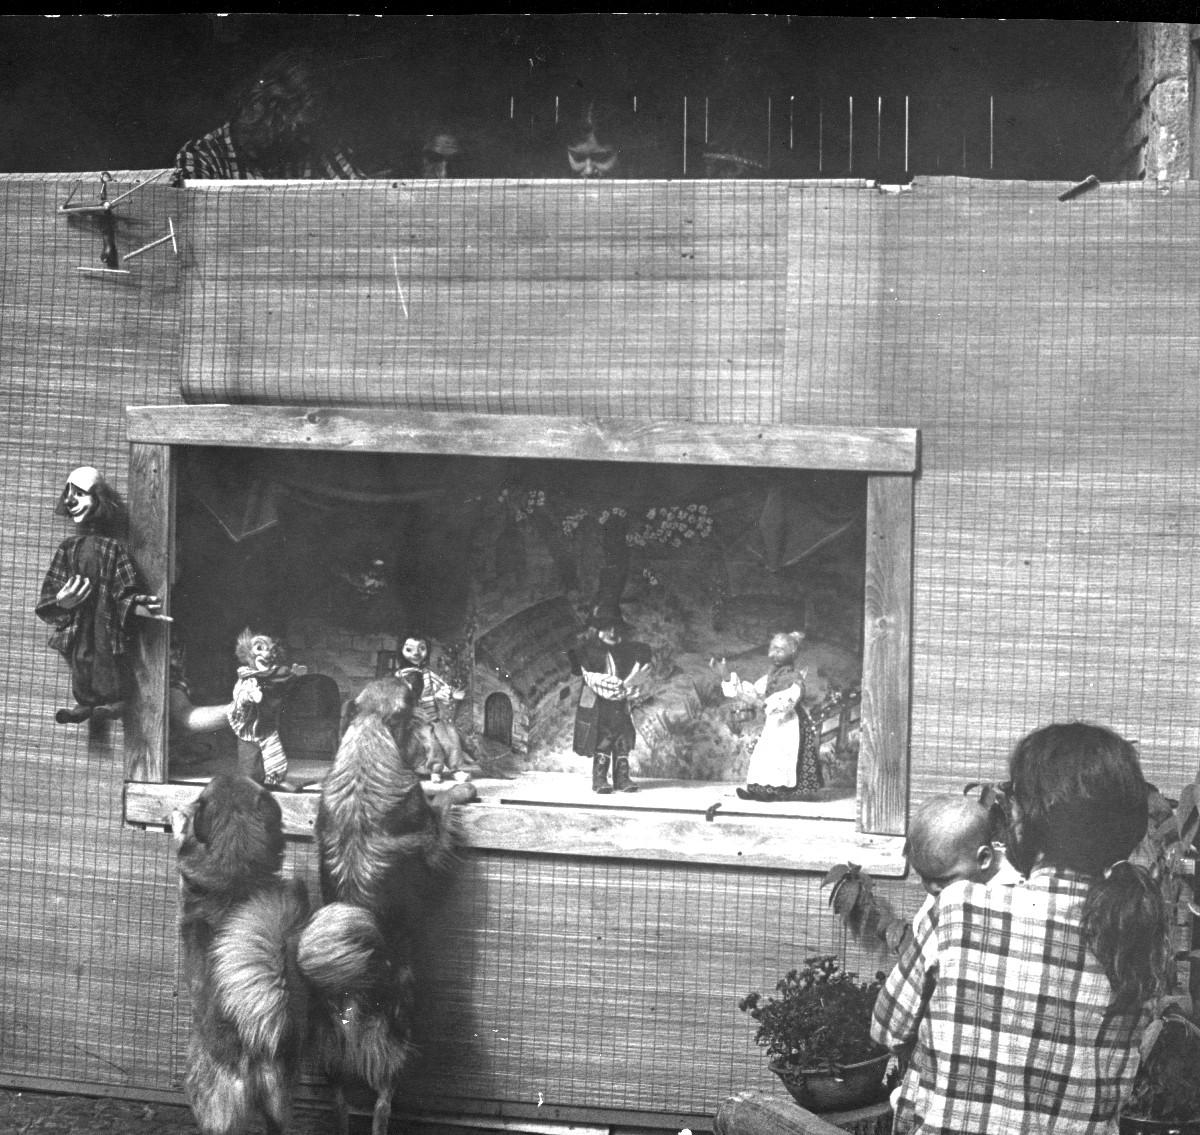 1972 – 77 Pädagogikstudium an der Universität  Marburg, Gründung eines Studententheaters